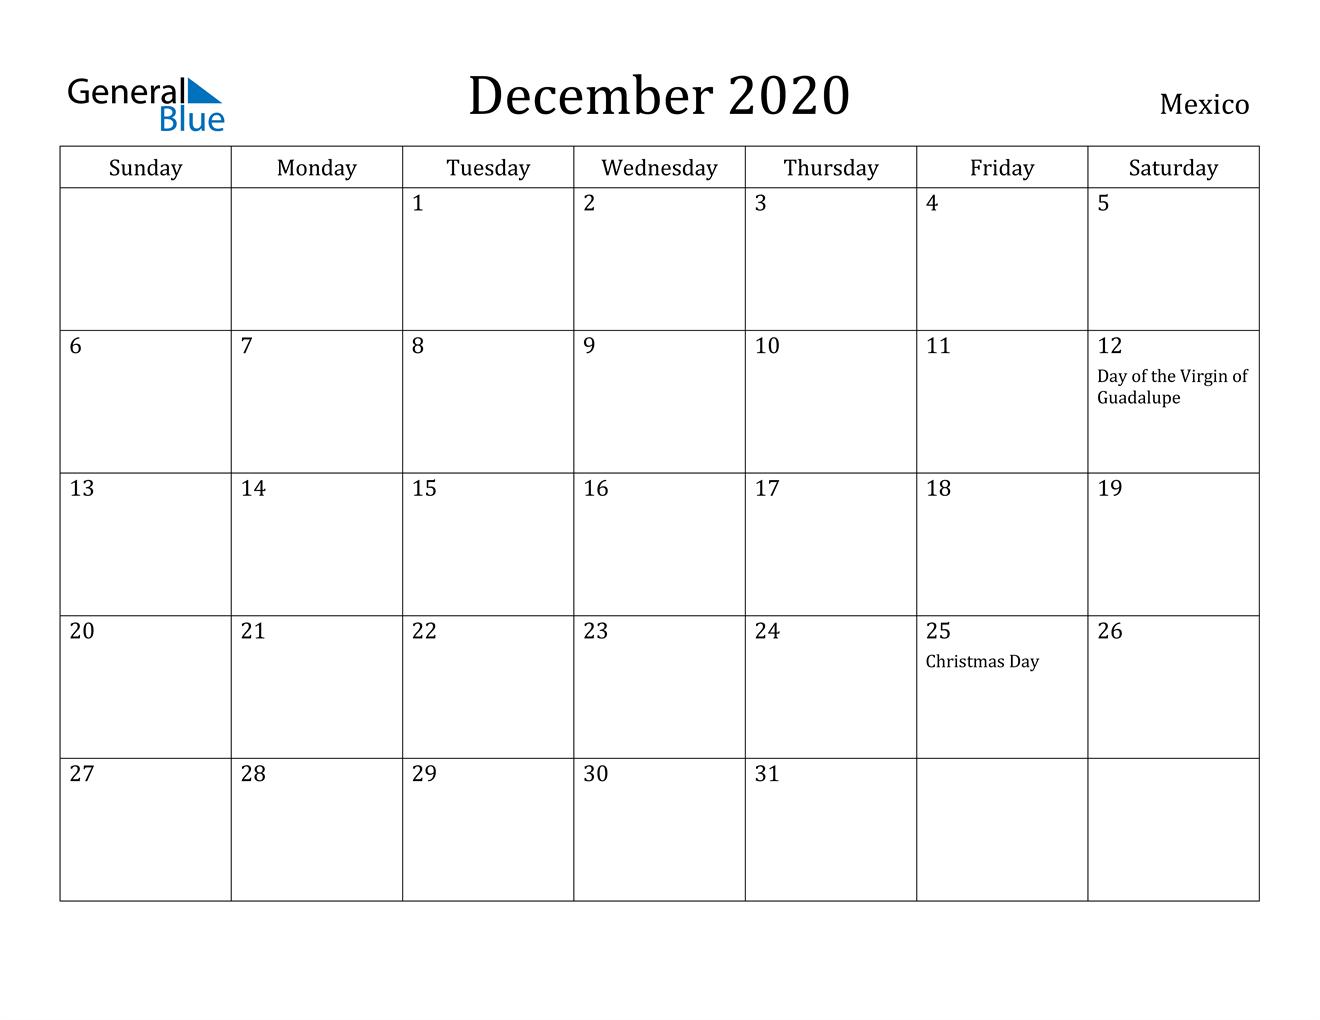 December 2020 Calendar - Mexico